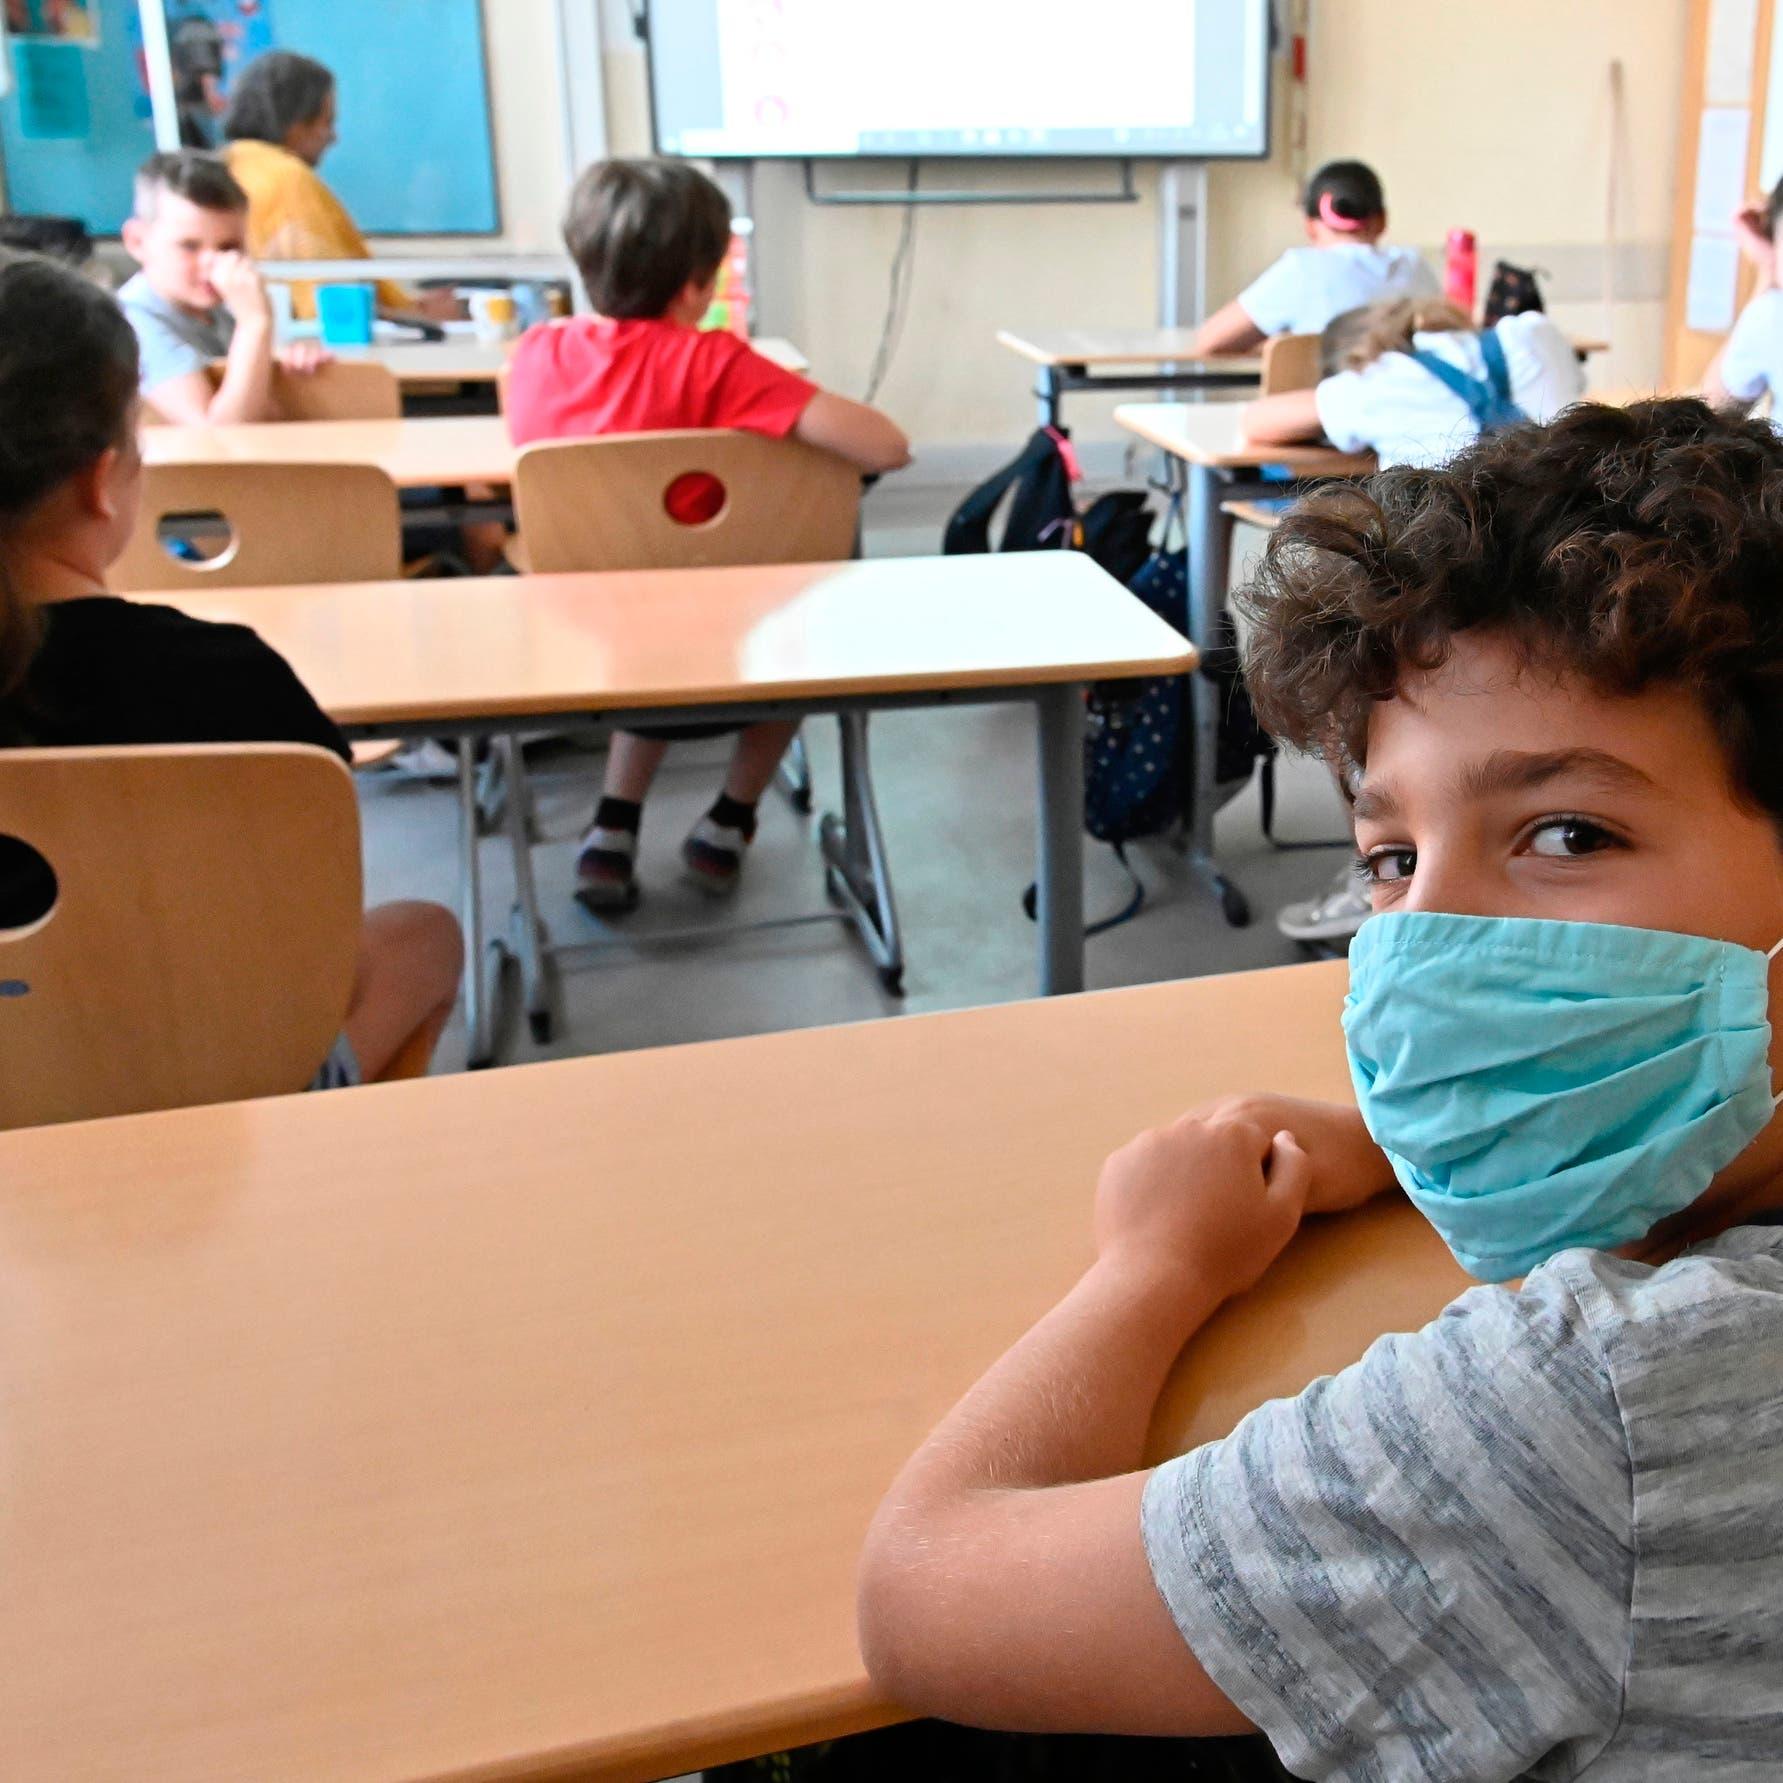 الصحة العالمية: أوروبا يمكنها مكافحة كورونا بلا إغلاق